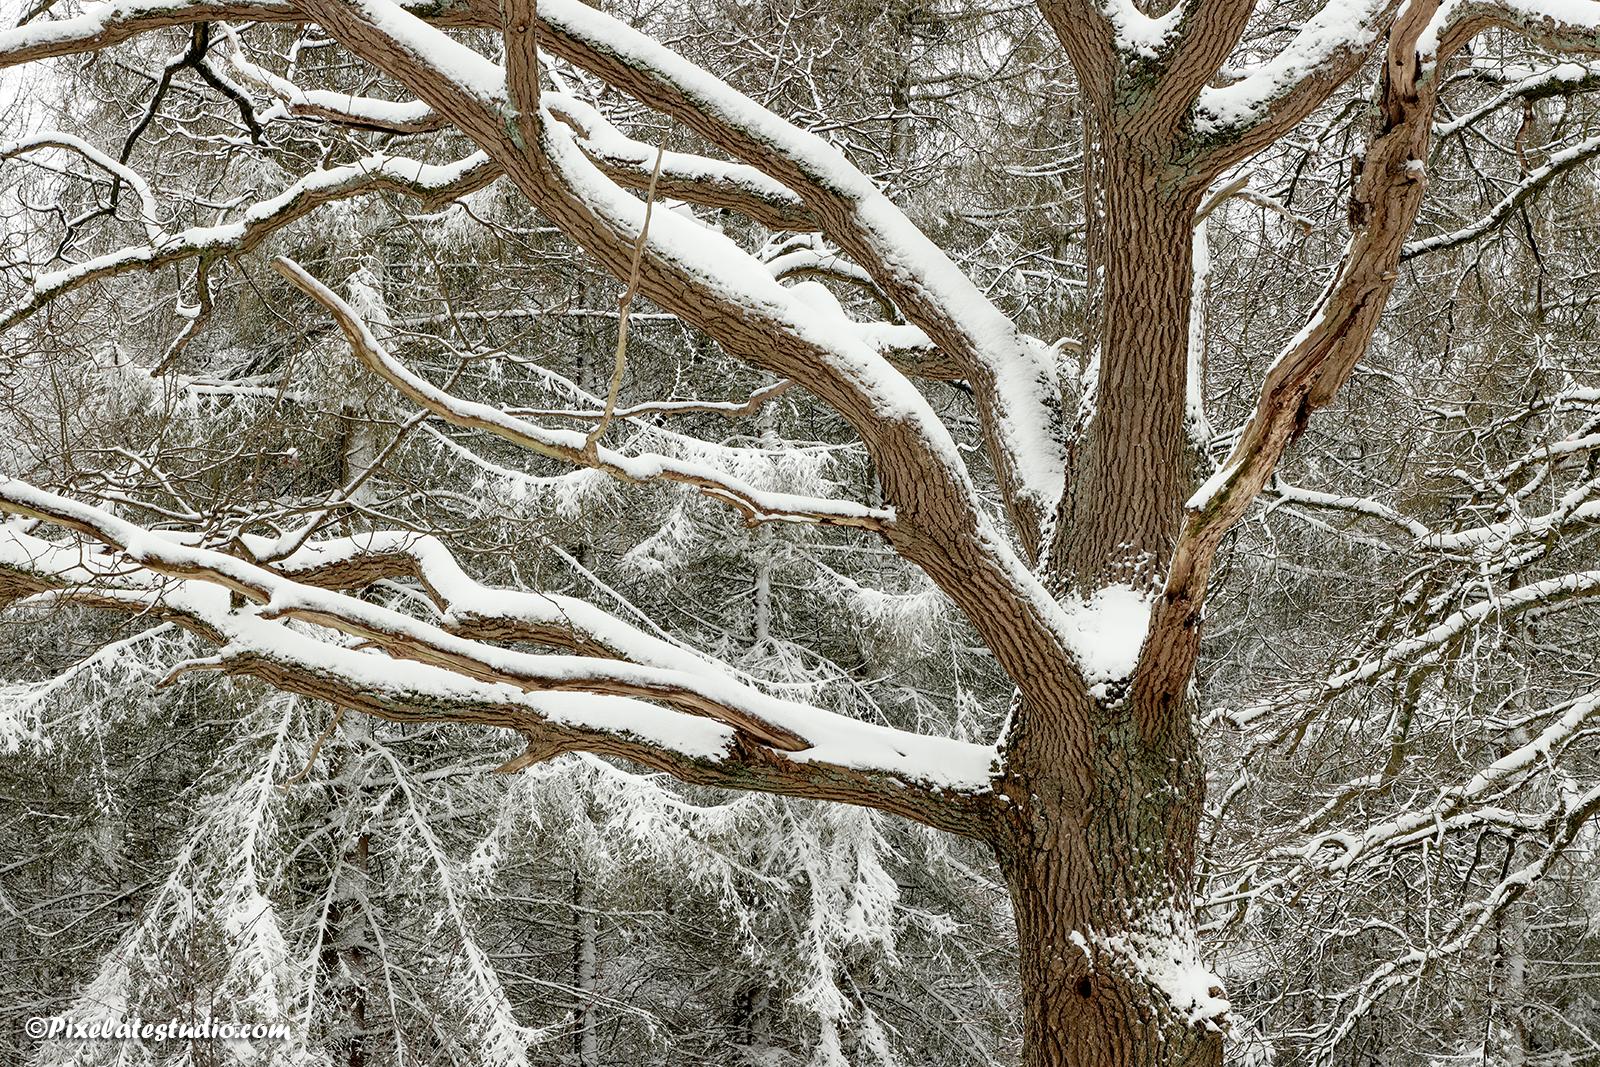 mooie foto van besneeuwde takken van een boom